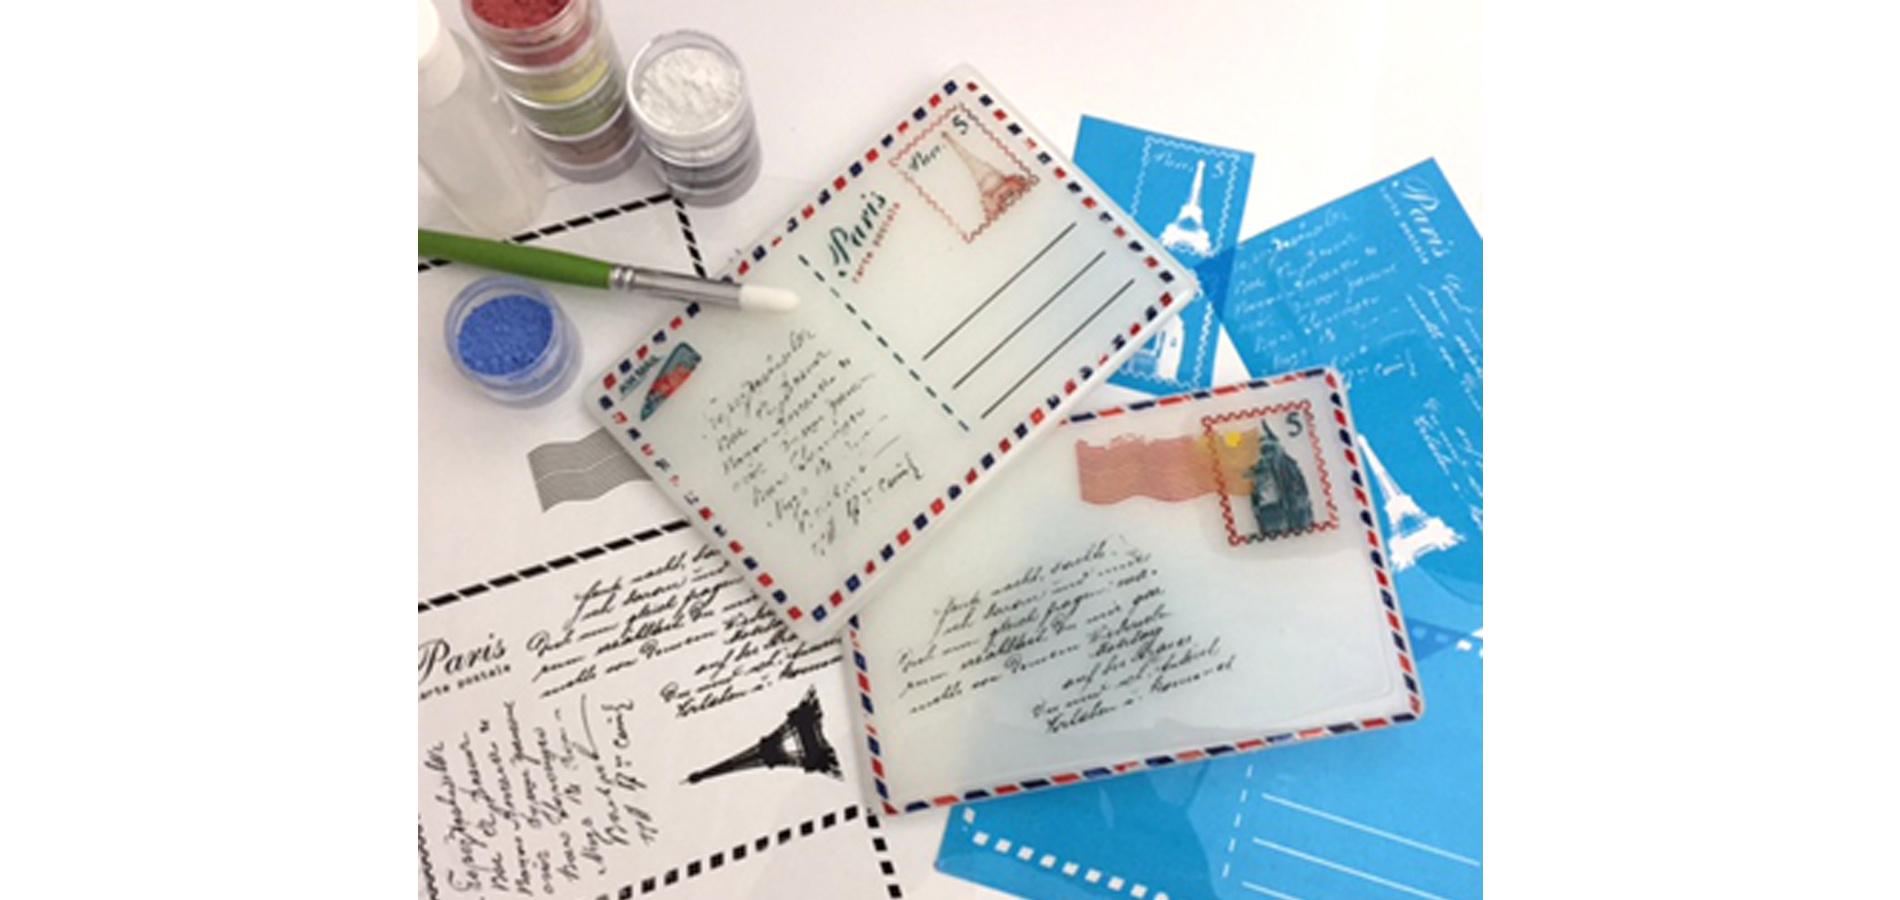 Create a Postcard in Glass